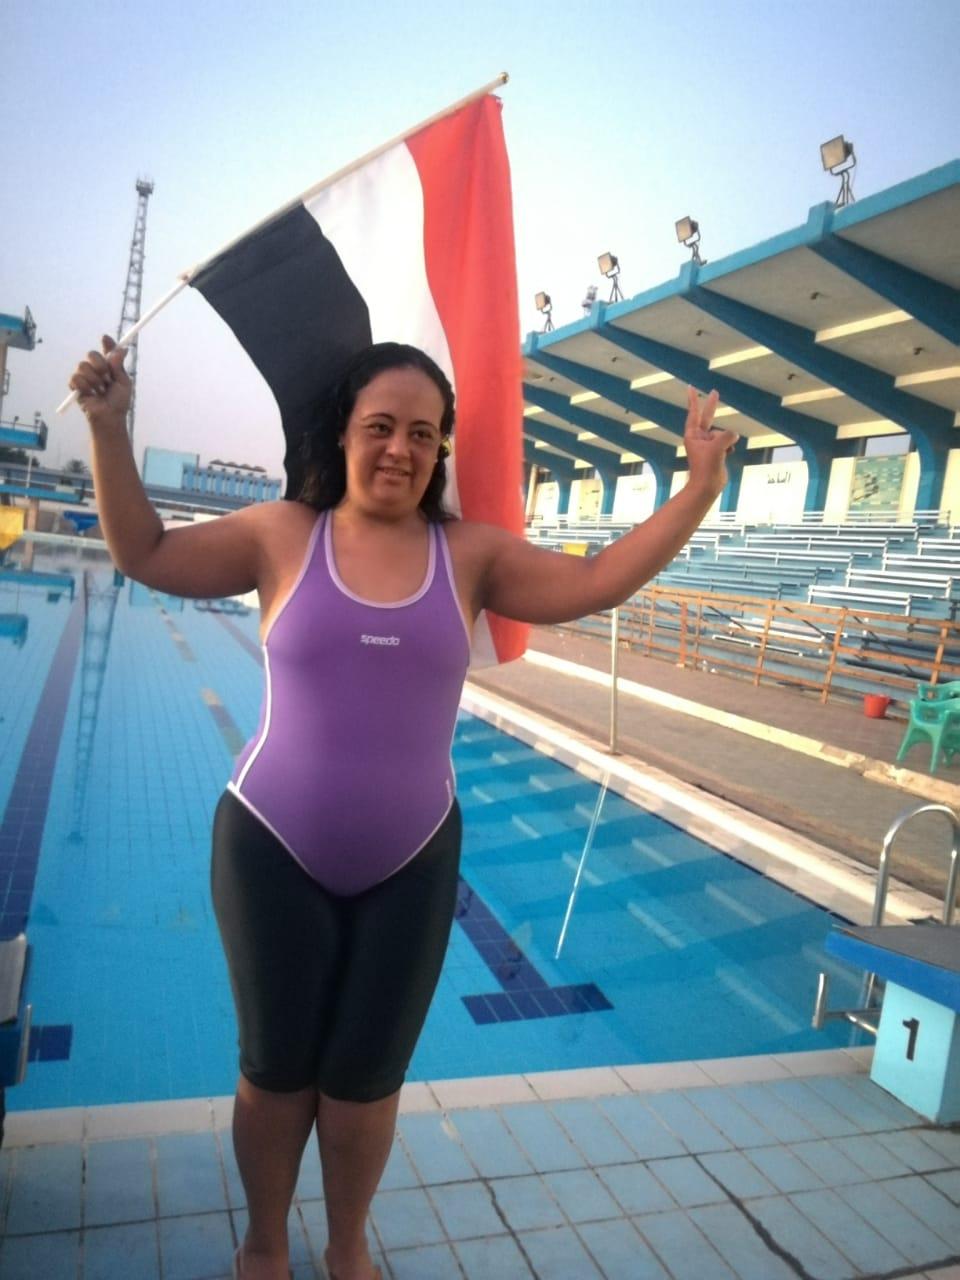 لسباحة المصرية لبنى مصطفى